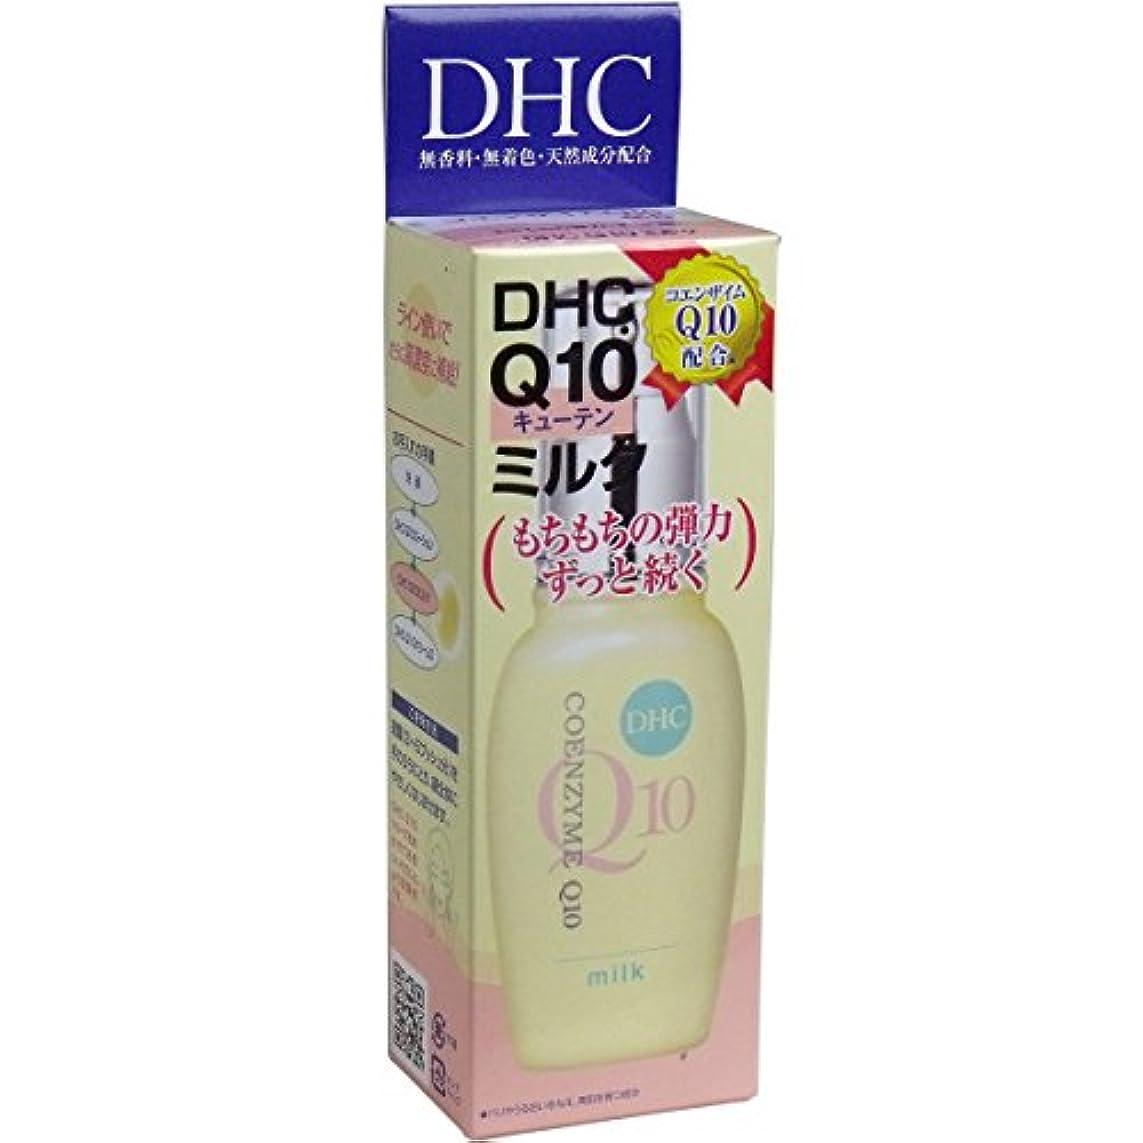 クラウン慈悲深い厳密に【DHC】DHC Q10ミルク(SS) 40ml ×5個セット